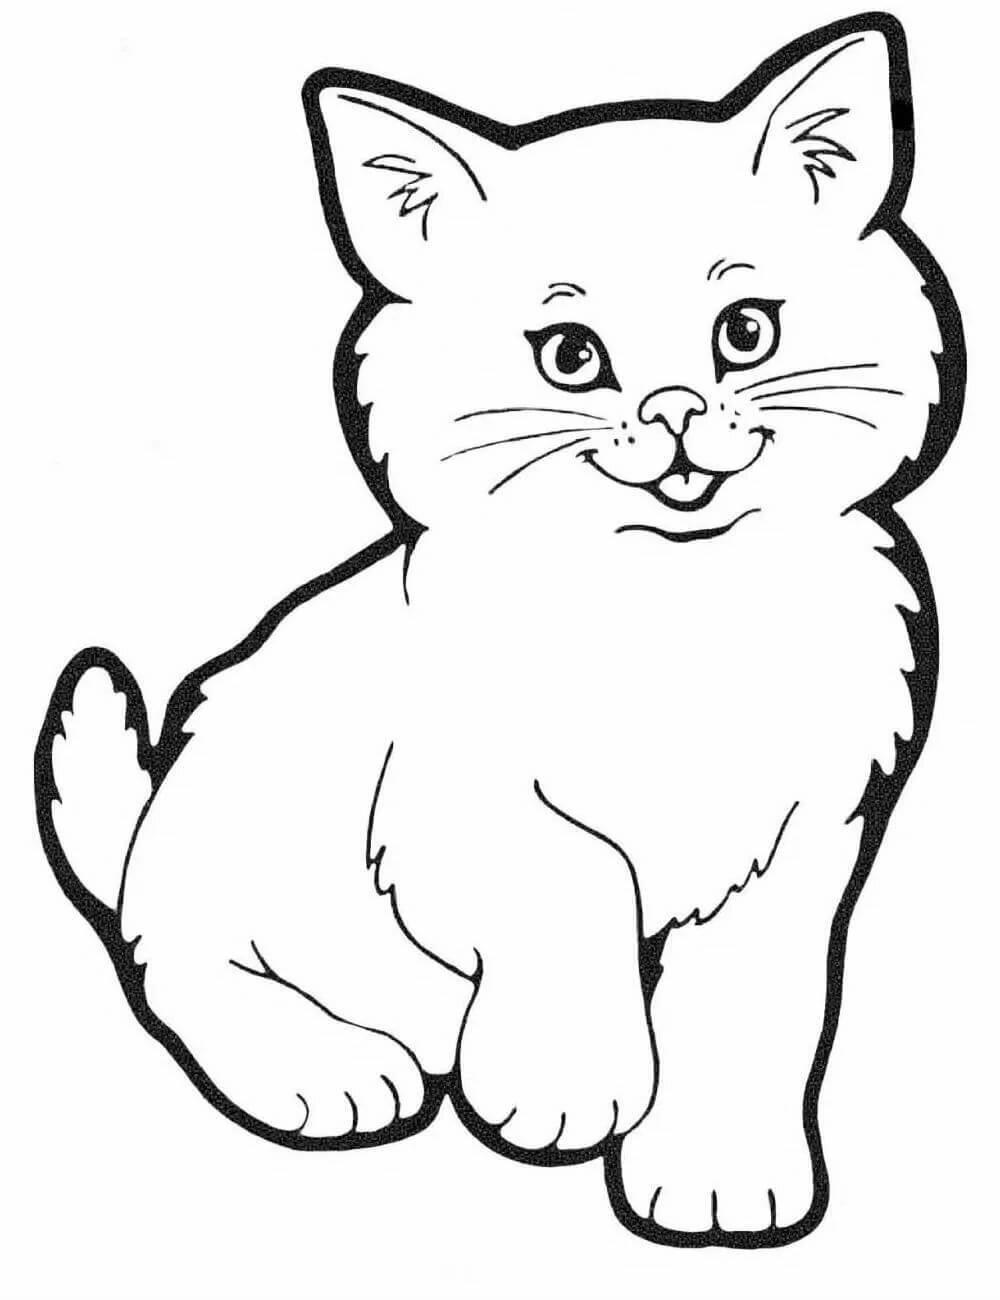 Картинка кошки для разукрашивания